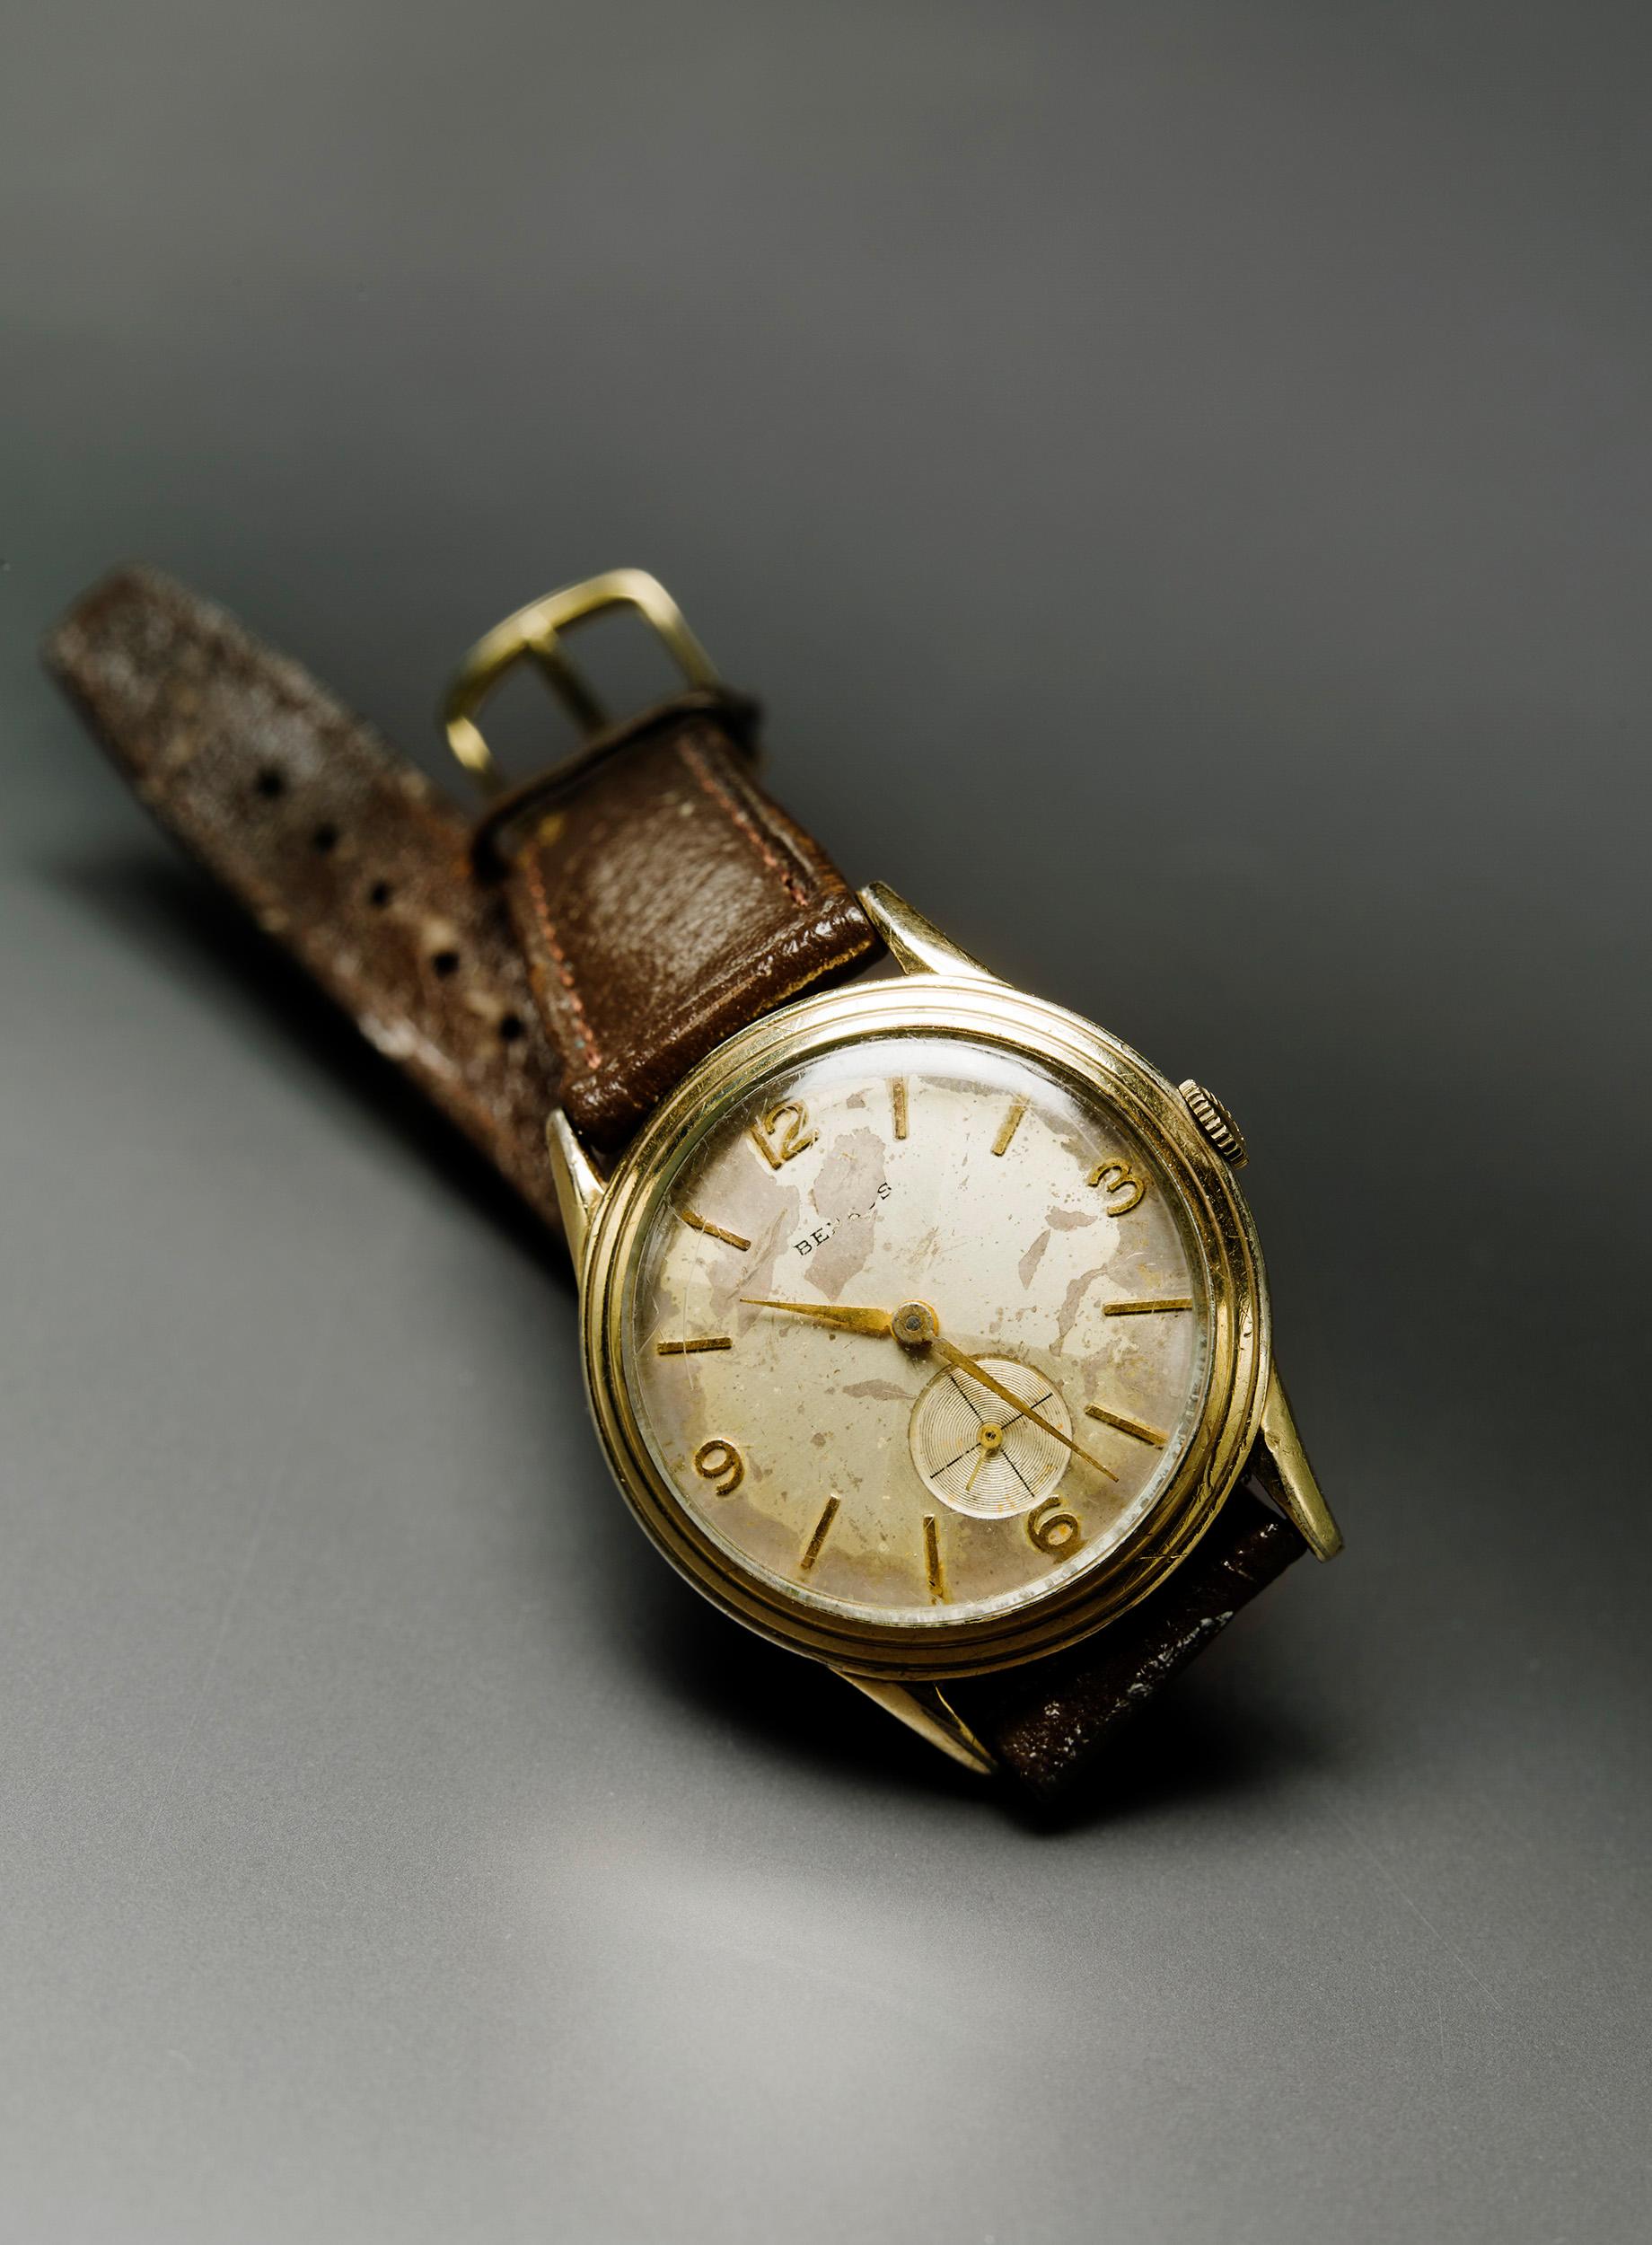 Lee's wristwatch